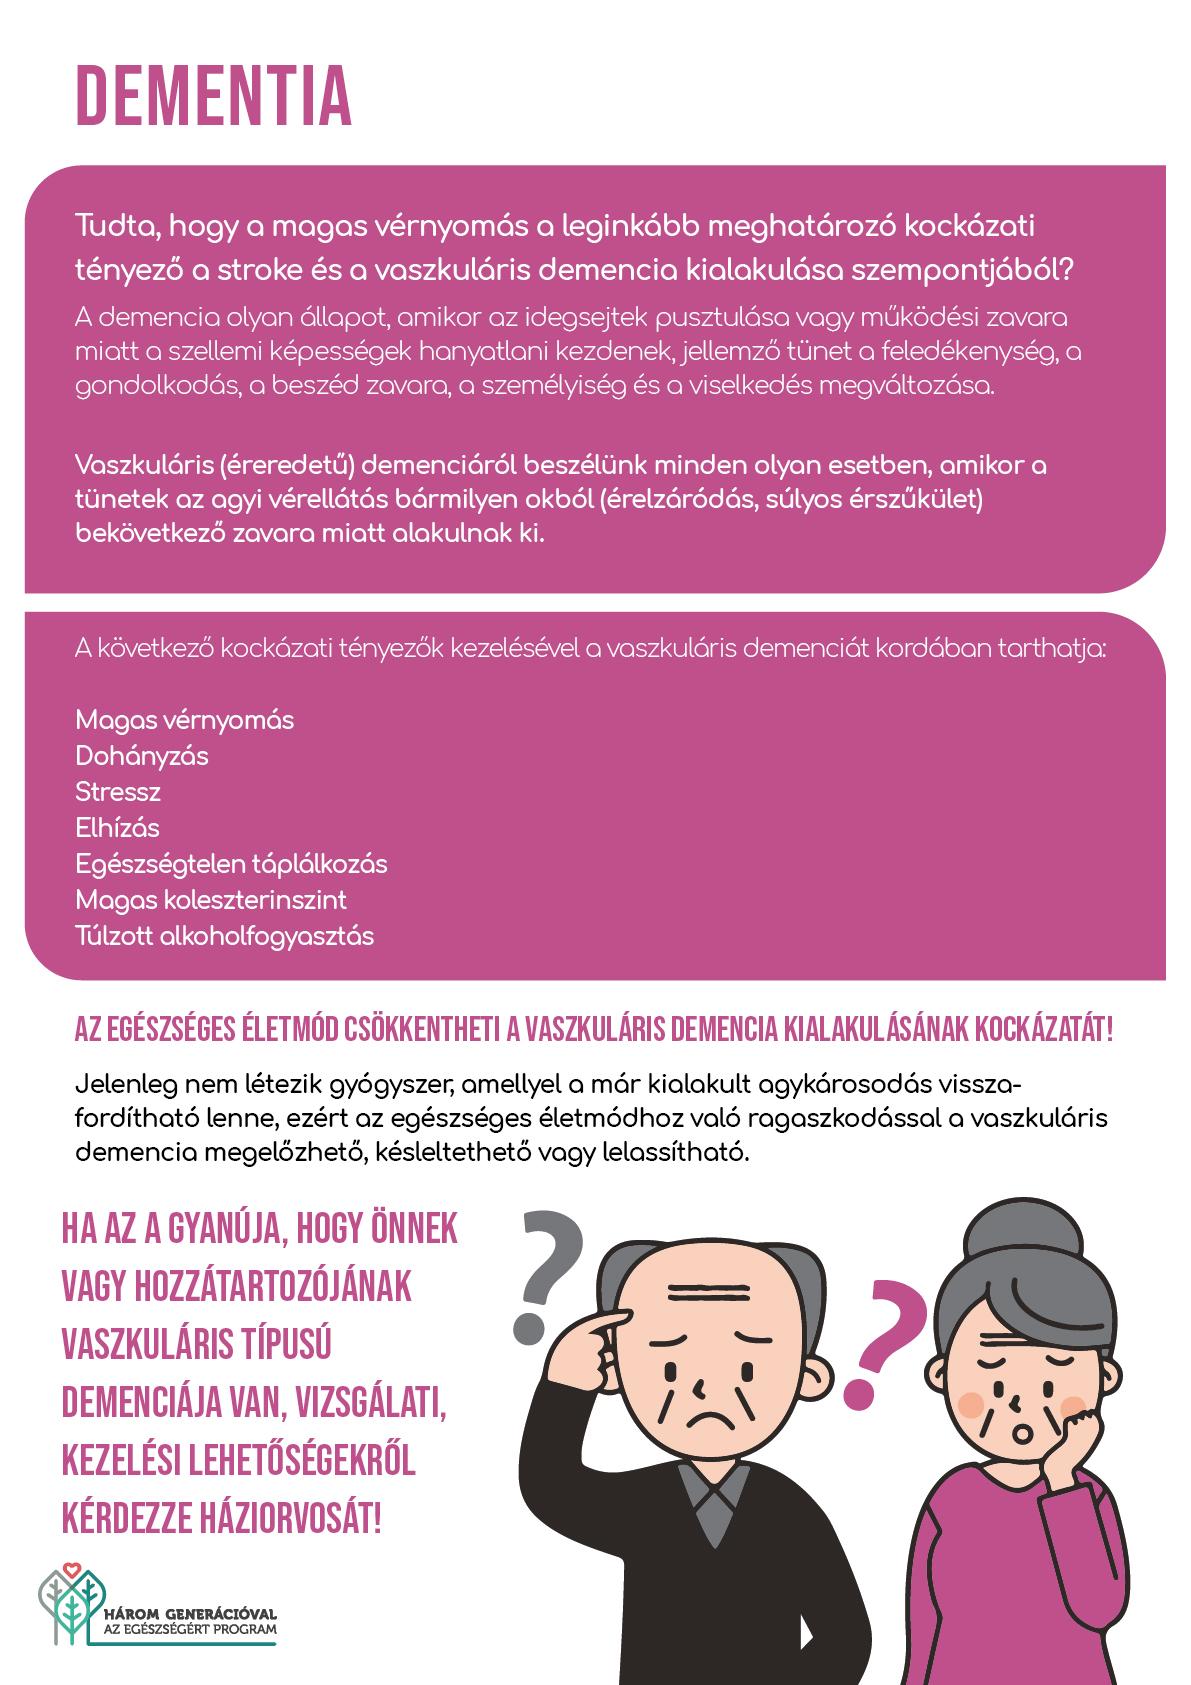 vaszkuláris hipertónia az)